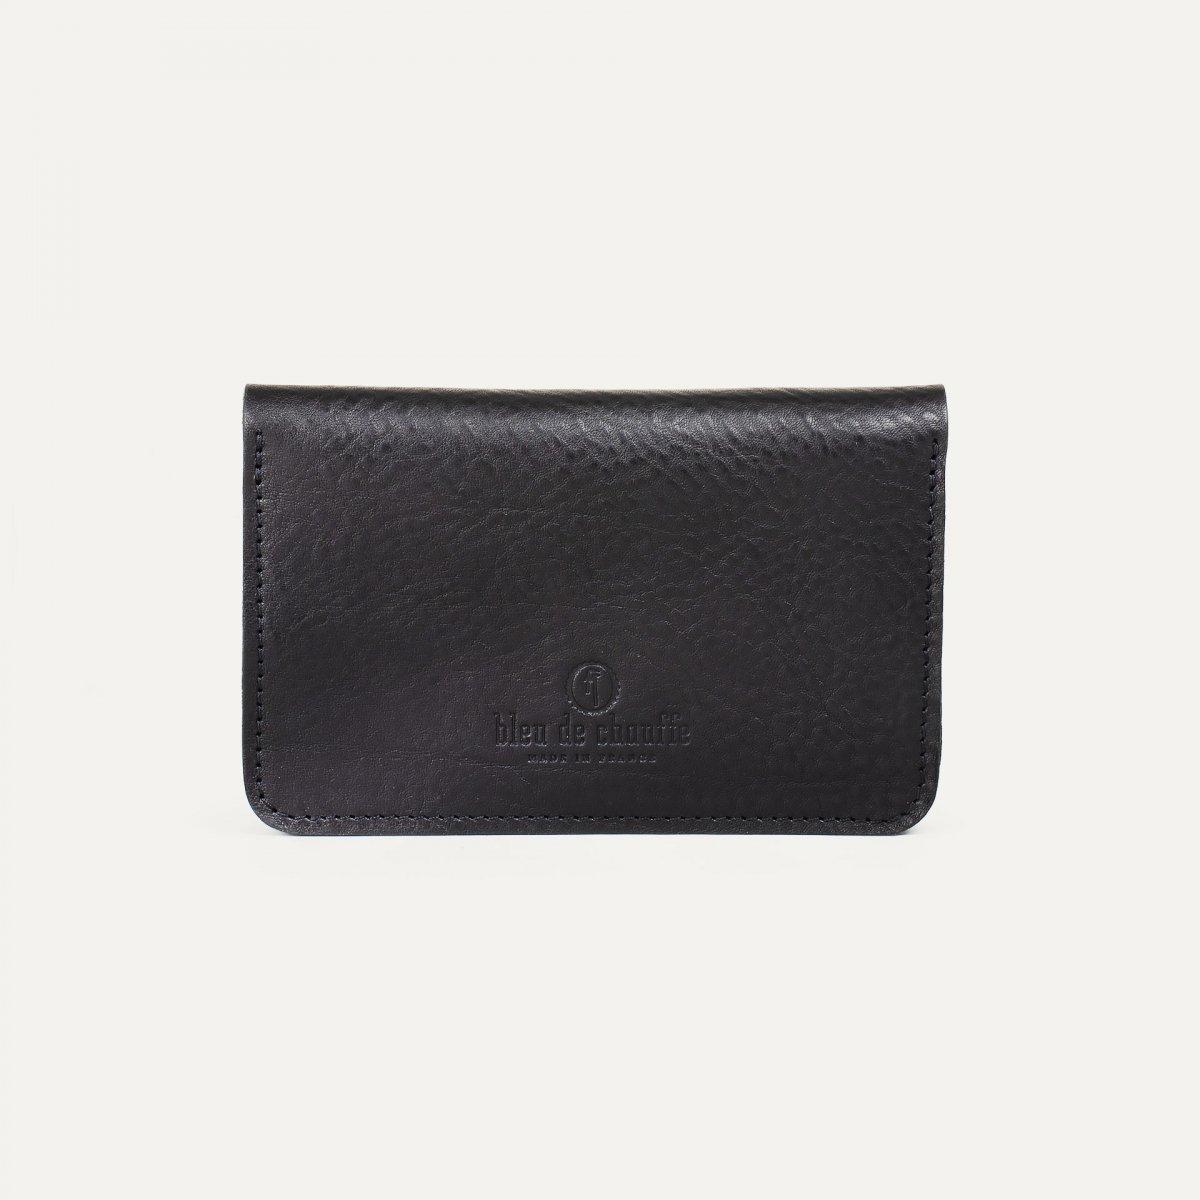 Grisbi wallet - Black (image n°2)